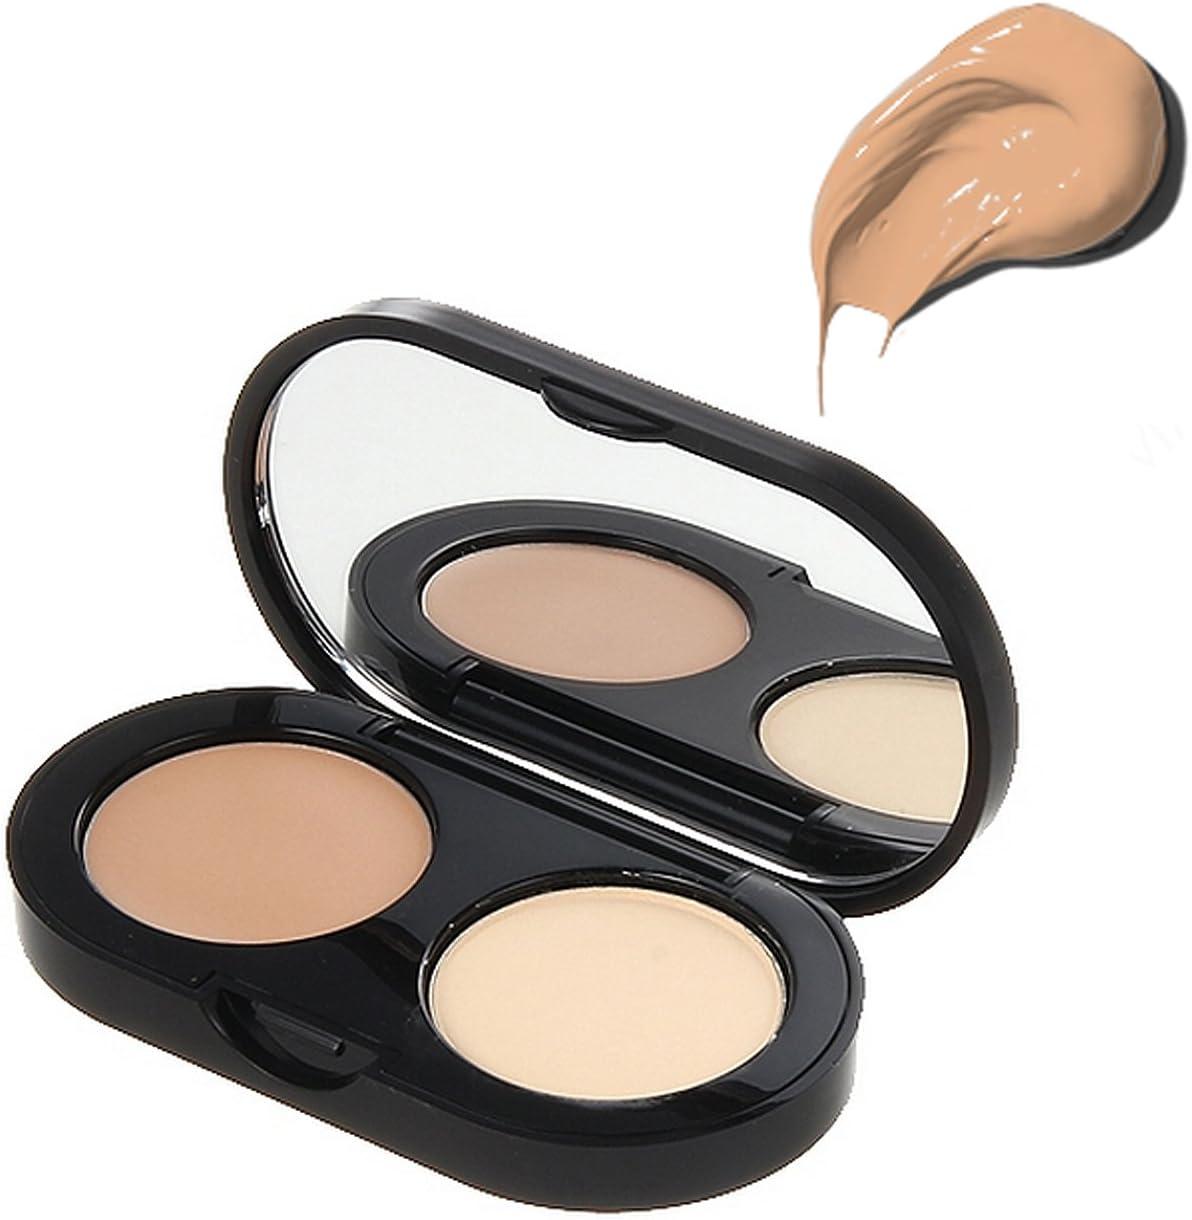 Bobbi Brown Creamy Concealer Kit, 08 Natural, 1er Pack (1 x 1 g)